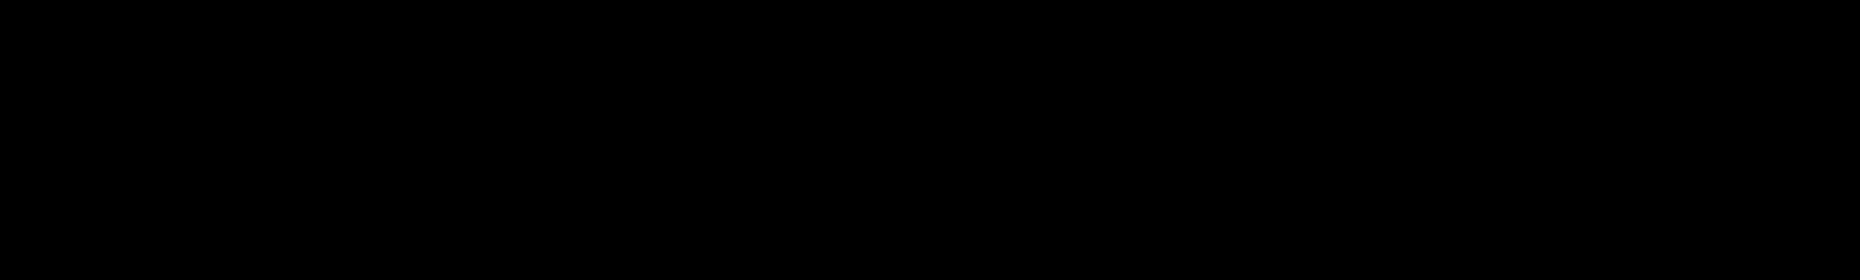 Forexco logo black